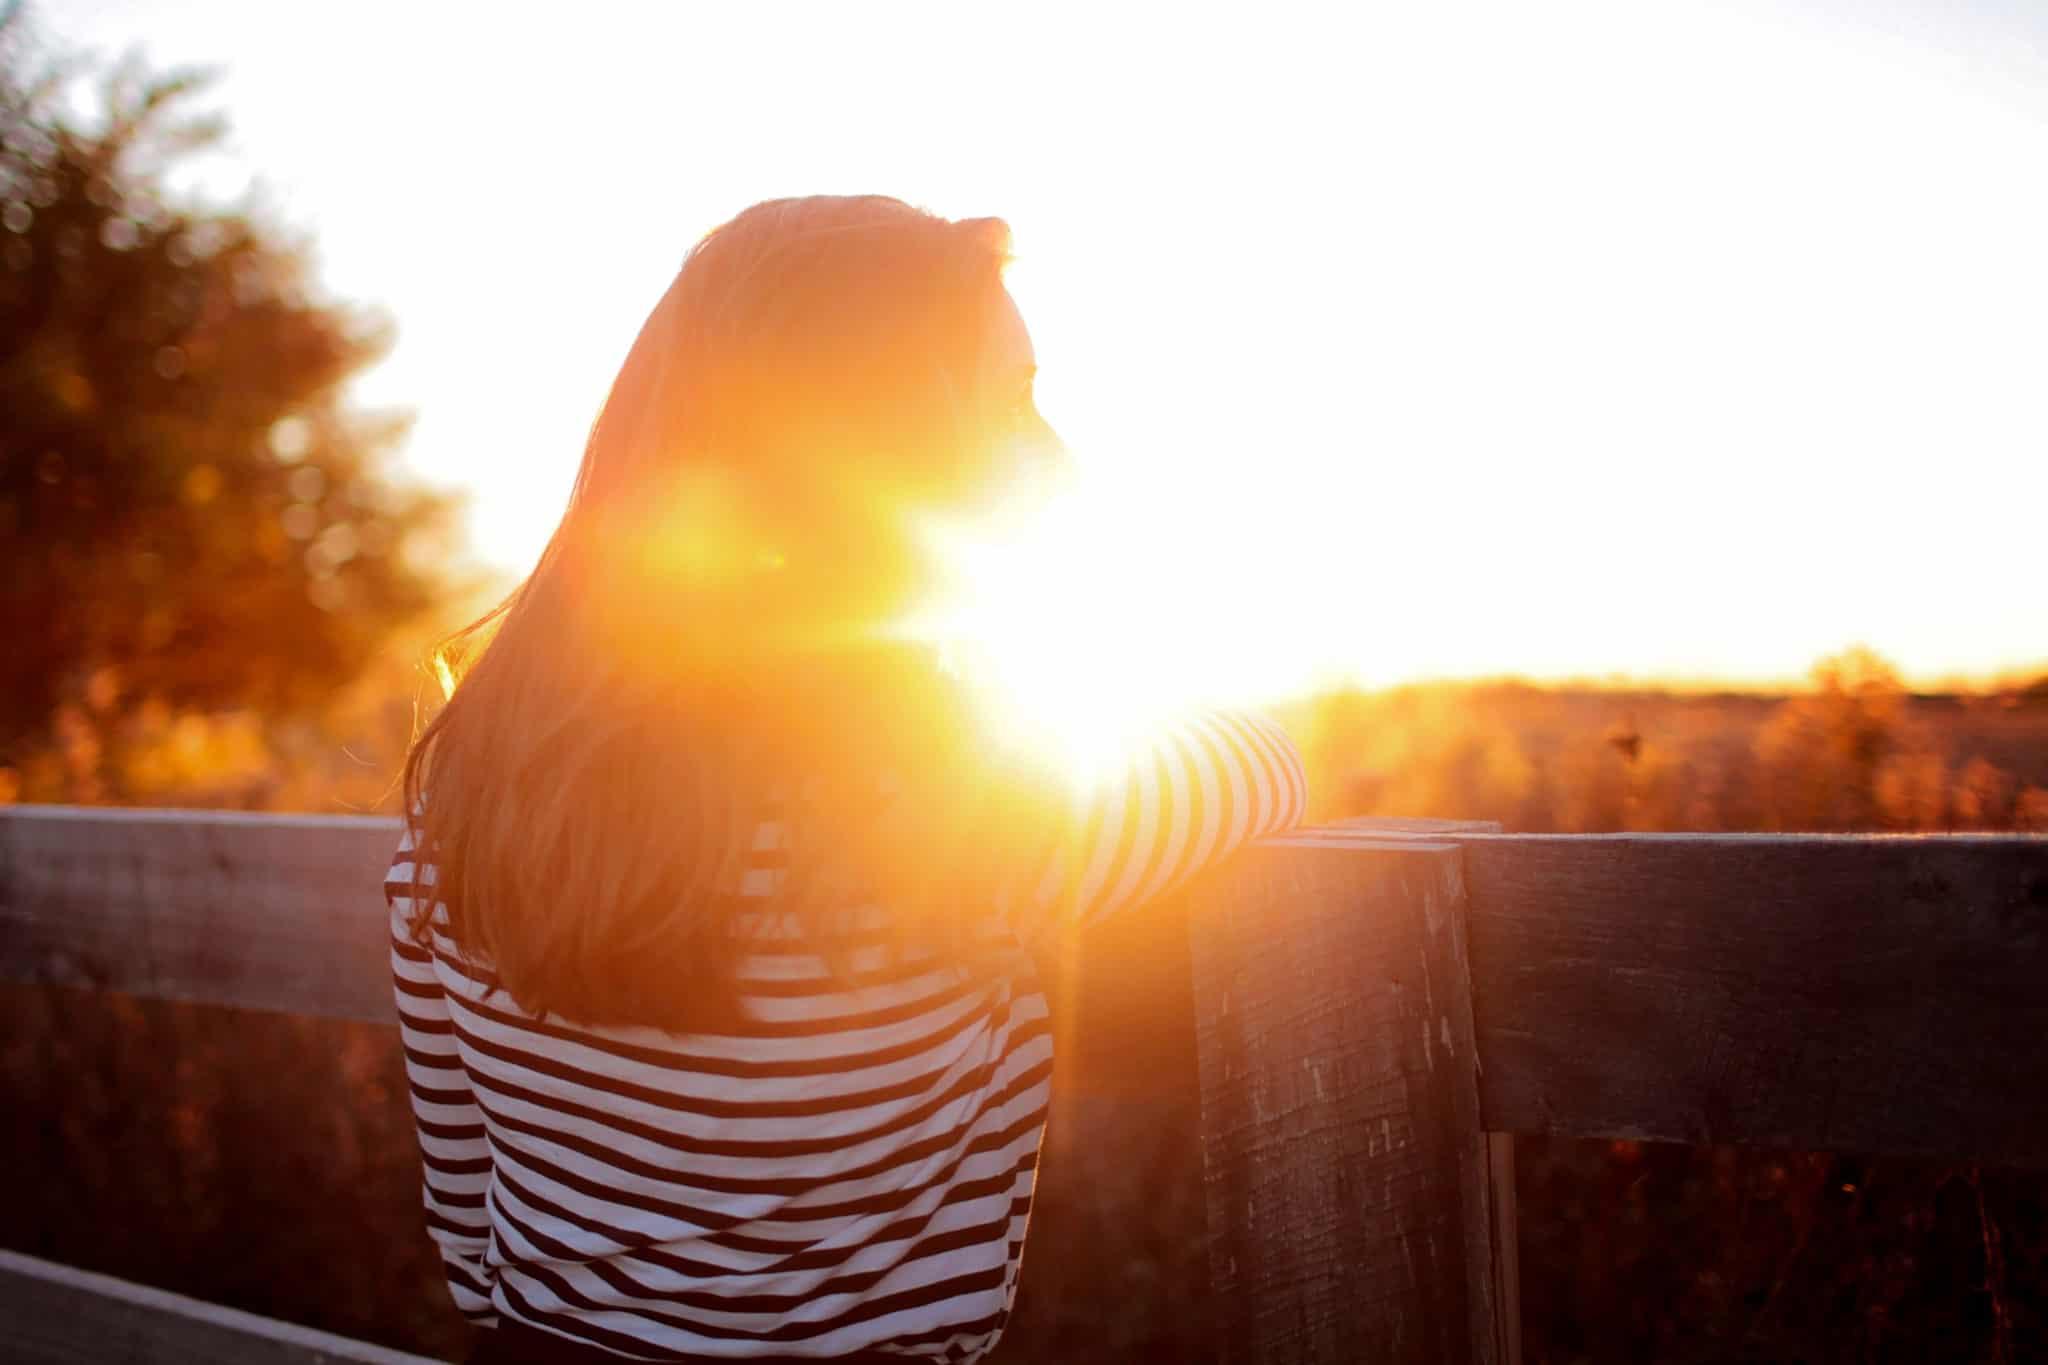 Eine Frau steht auf einer Terasse und sieht einen leuchtend hellen Sonnenuntergang zu. Auf dem Foto ist die Frau von hinten zu sehen und sie ist bekleidet mit einem weiss/blau getreiften Pullover. Sie hat lange braune Haare. Sie versucht durch den Blick in den Sonnenuntergang um ihre kreisenden Gedanken loszulassen um ihr Selbstbewusstsein zu spüren und zu stärken.